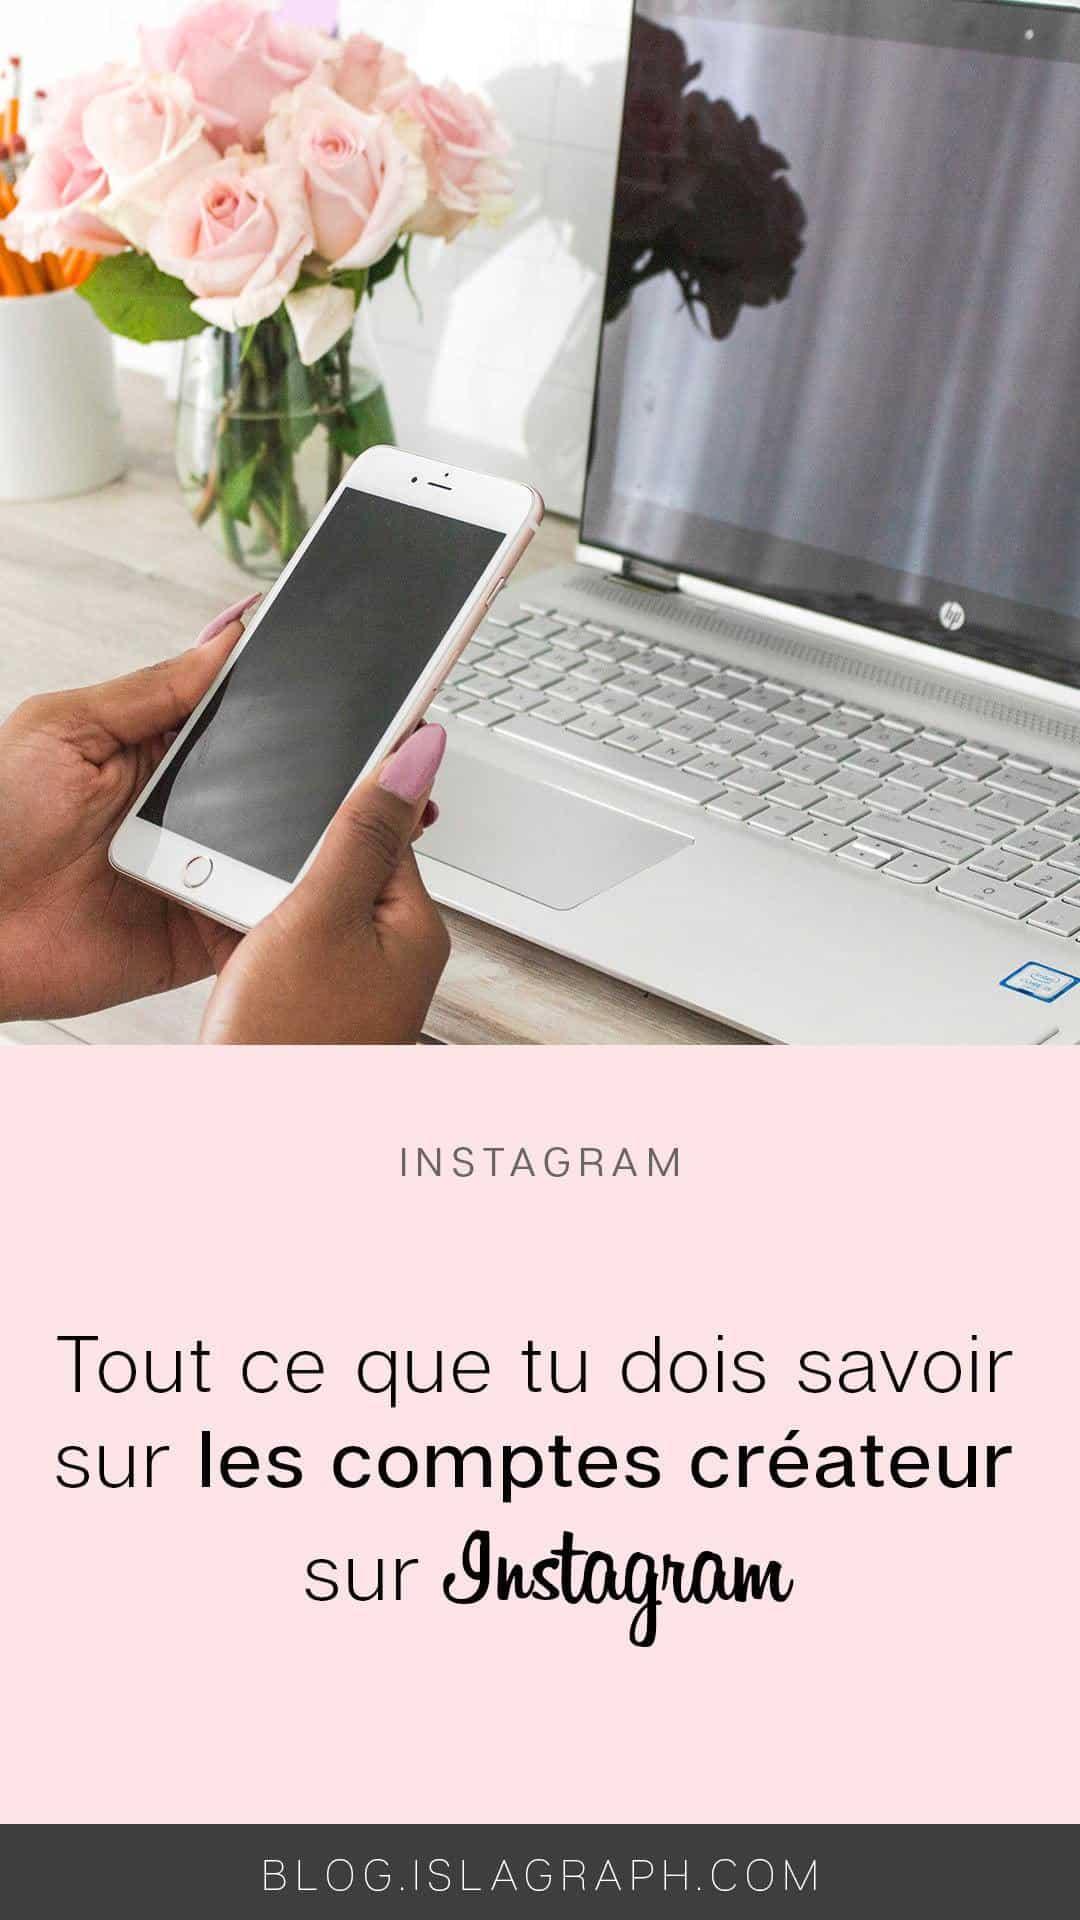 Tu as peut-être entendu parler d'un nouveau type de compte sur Instagram : le compte créateur. Mais qu'est-ce que peu apporter ce type de compte et est-ce qu'il est fait pour toi ?